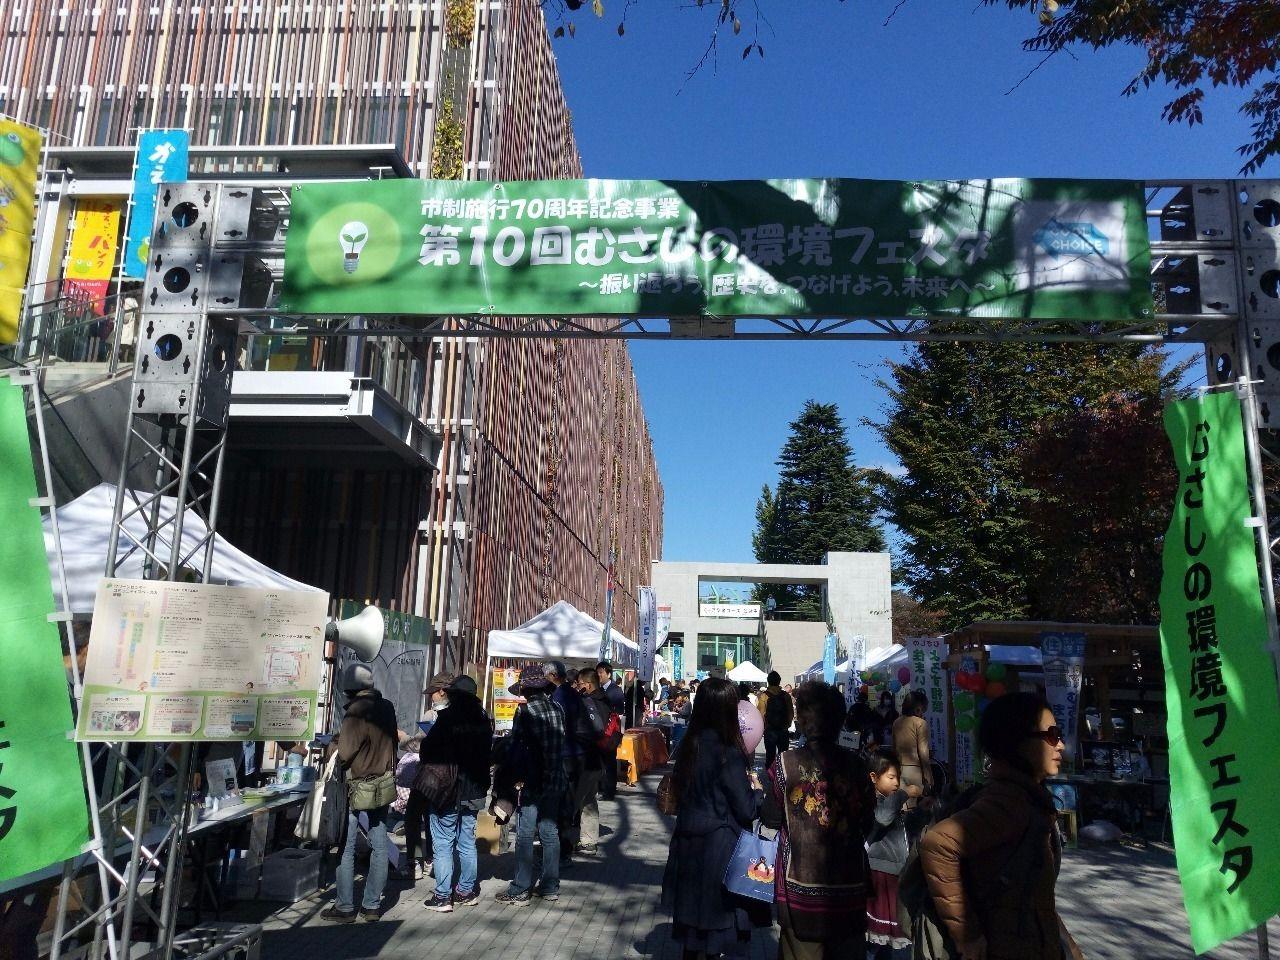 武蔵野市役所横で開催された環境フェスタ